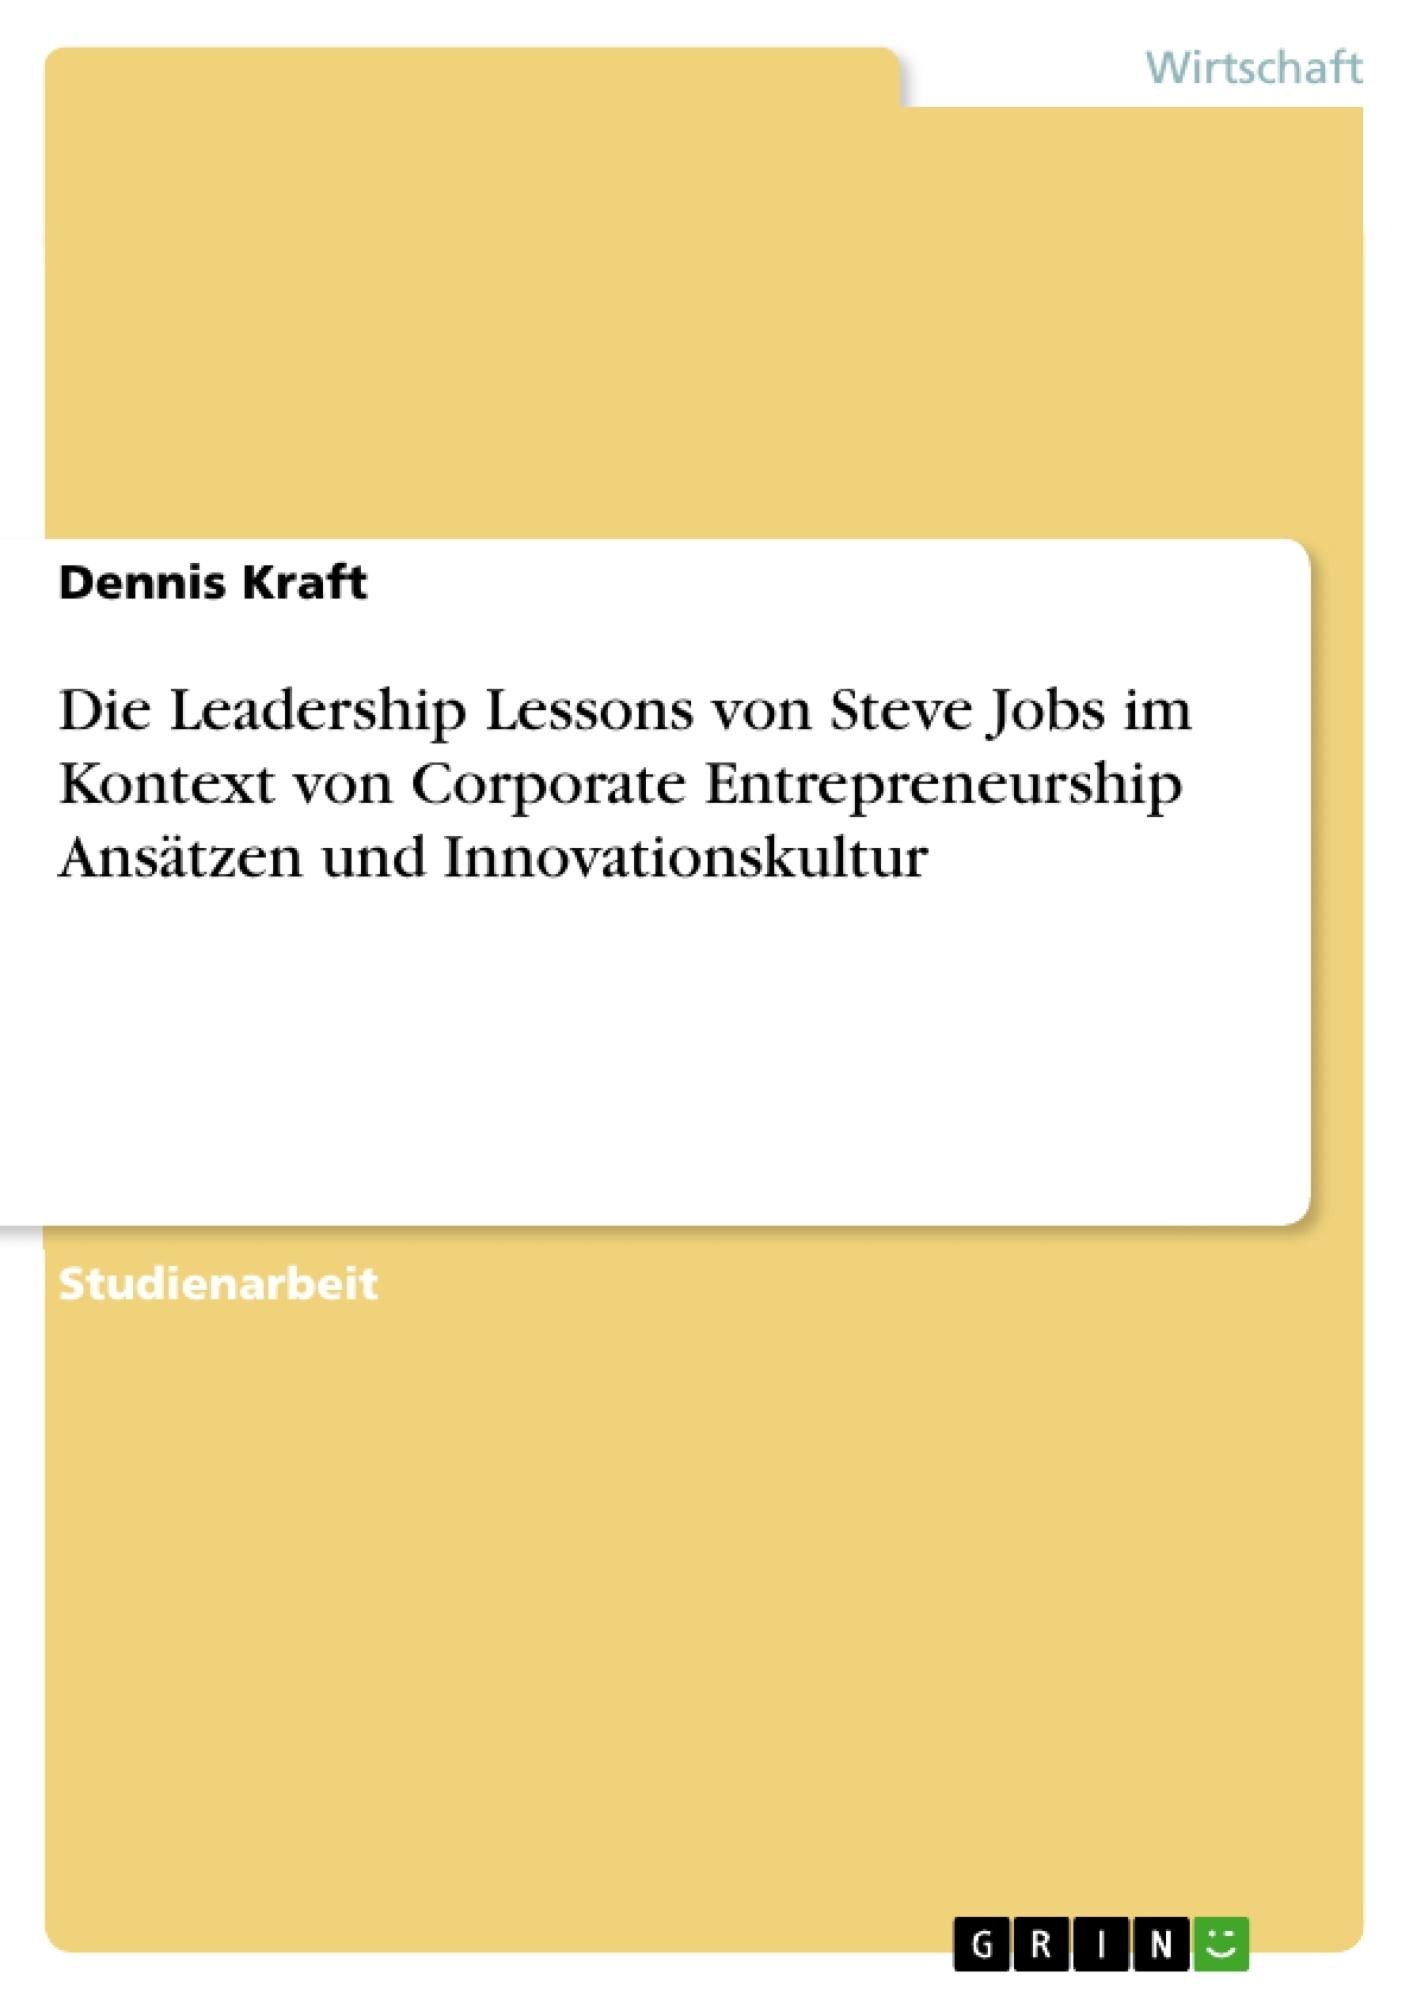 Titel: Die Leadership Lessons von Steve Jobs im Kontext von Corporate Entrepreneurship Ansätzen und Innovationskultur